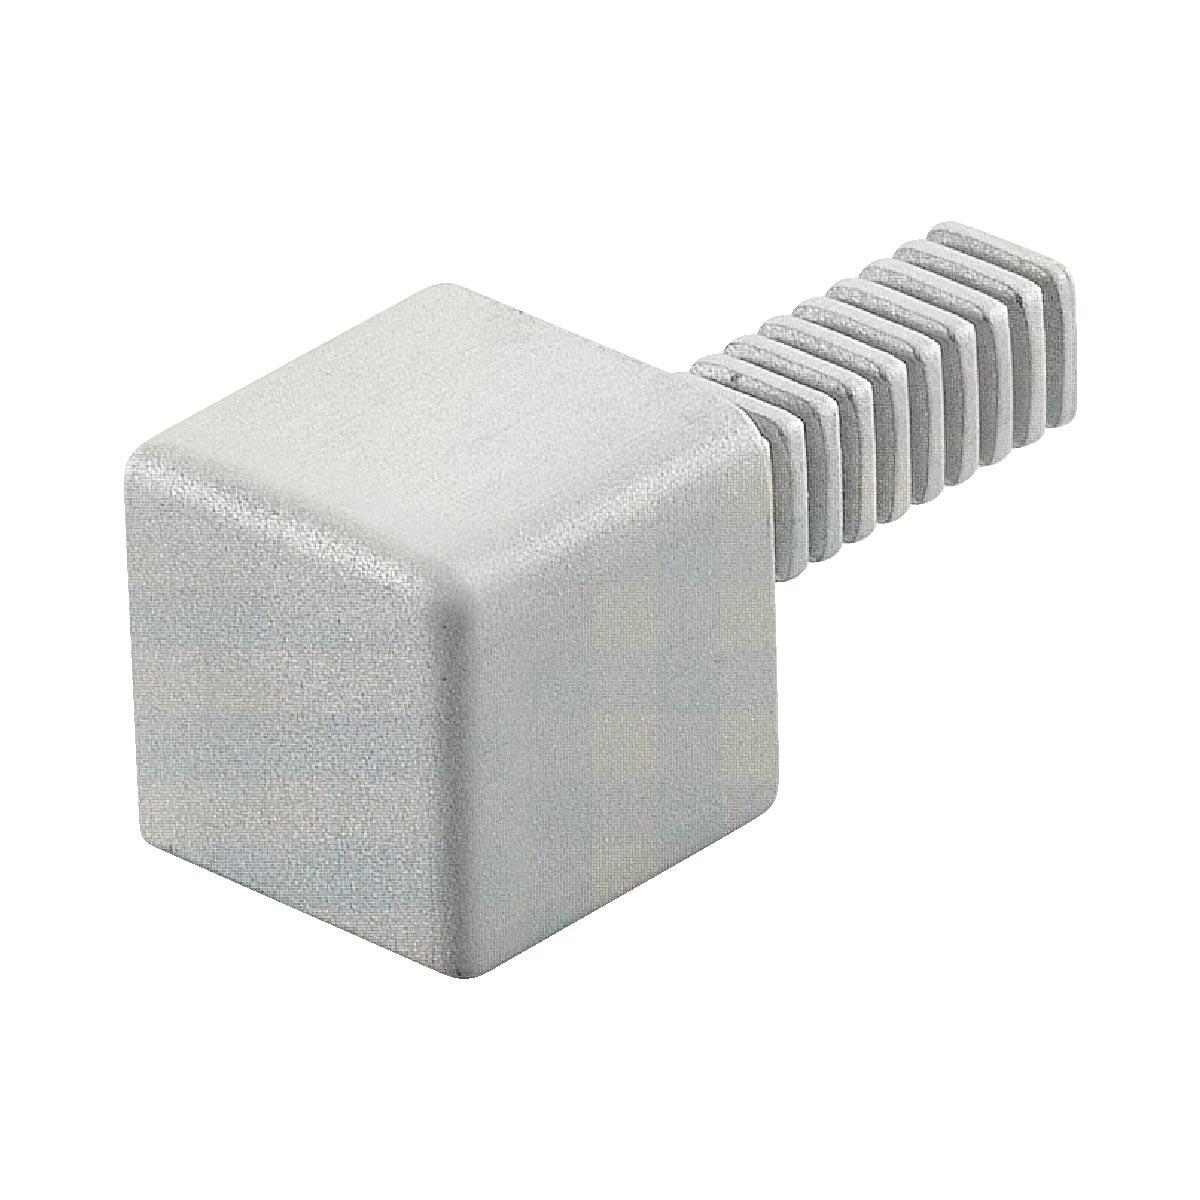 Profili per rivestimenti Accessori Squarecapsule SJC A Profilitec